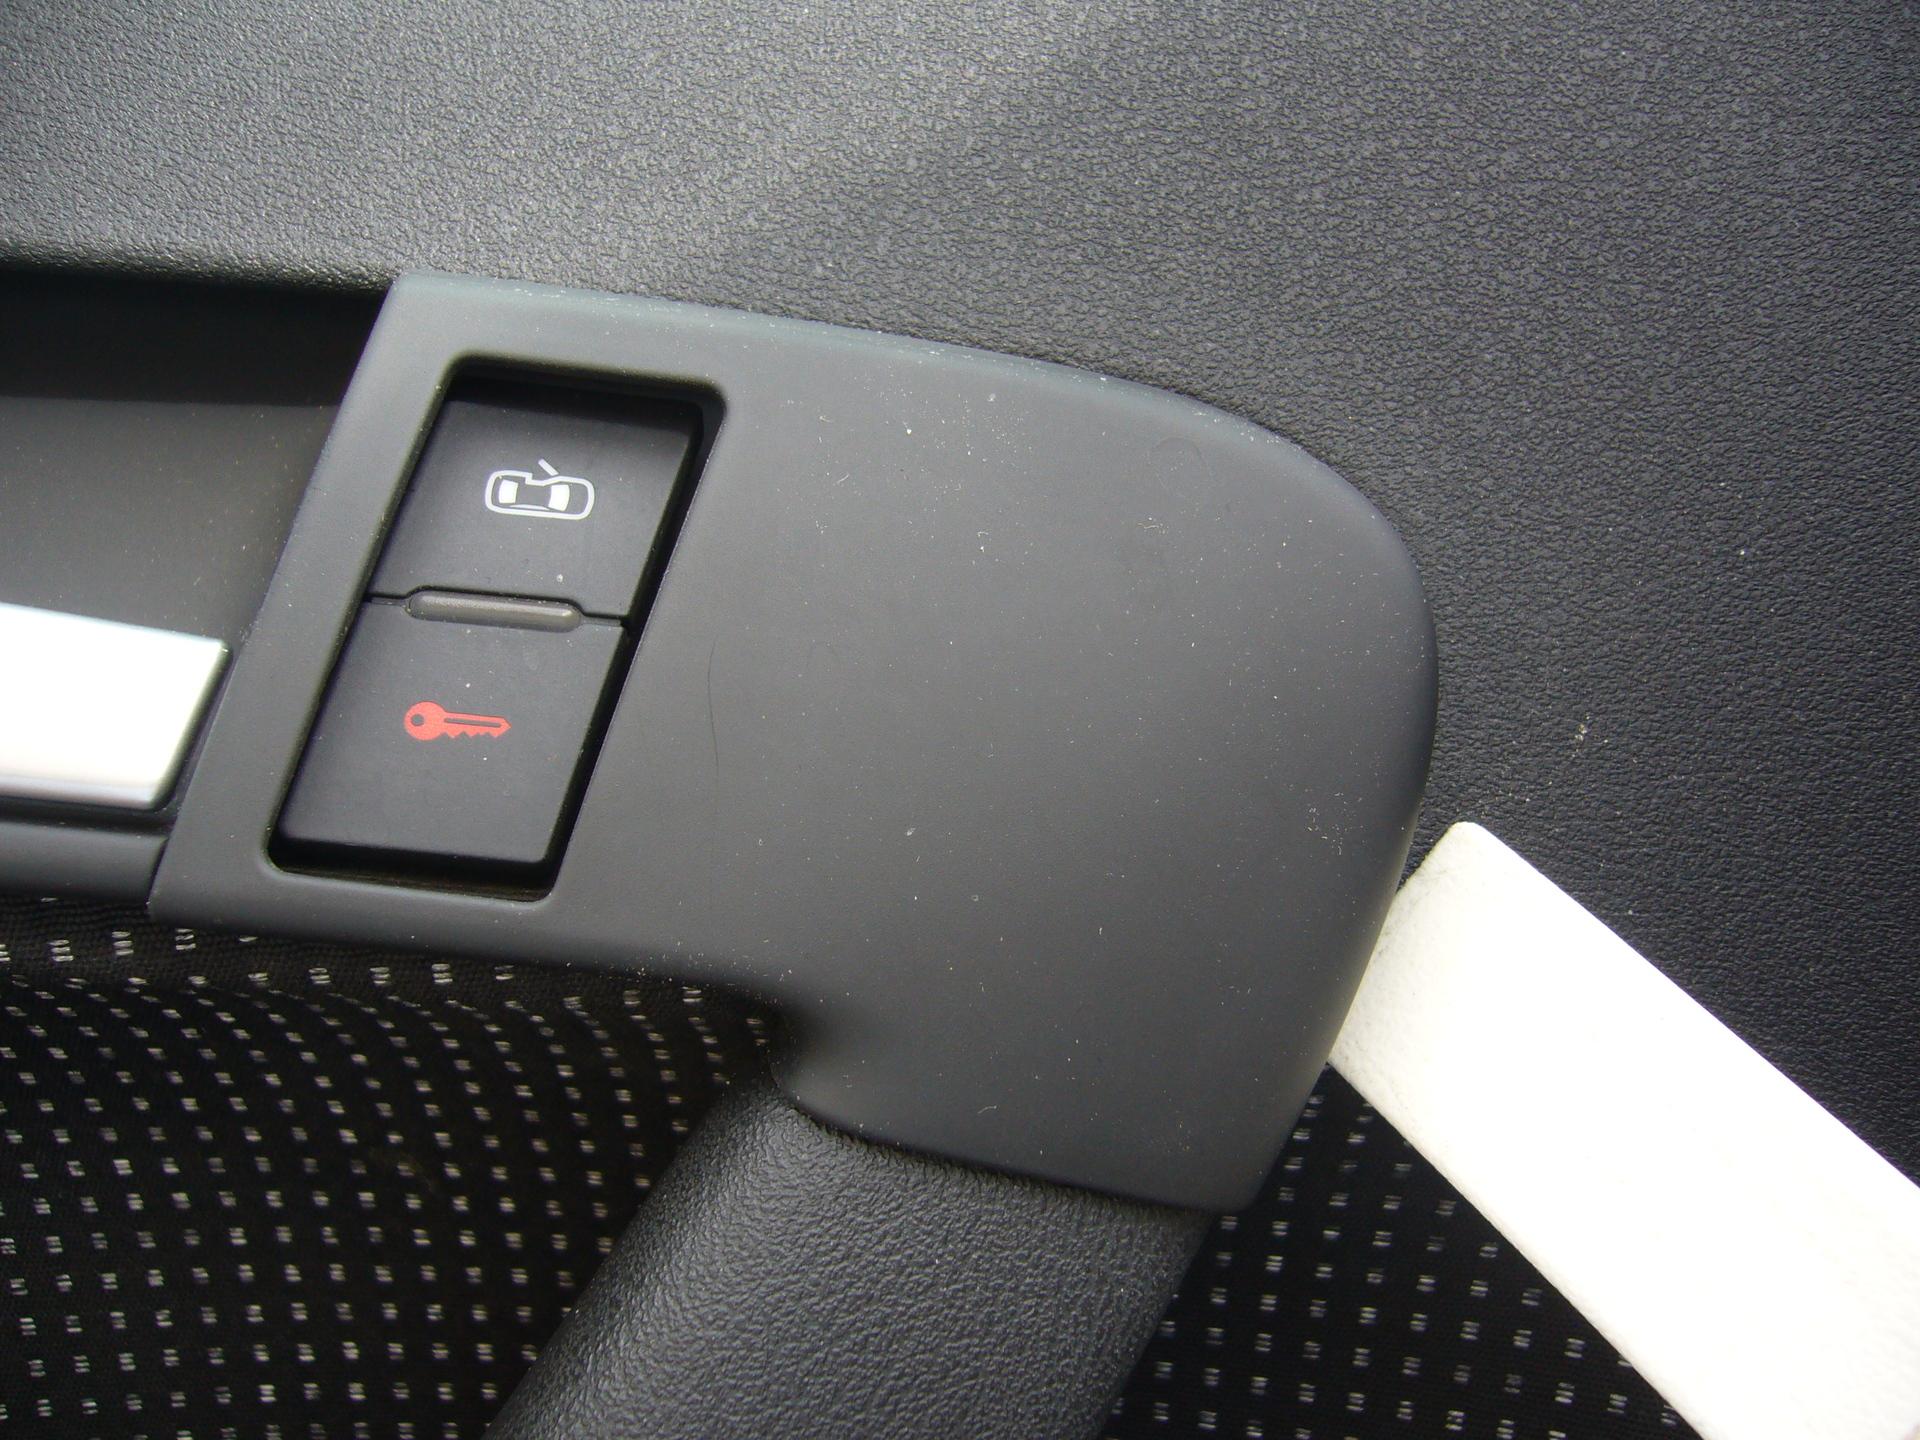 8P] Fahrertür lässt sich manchmal nicht öffnenentsperren